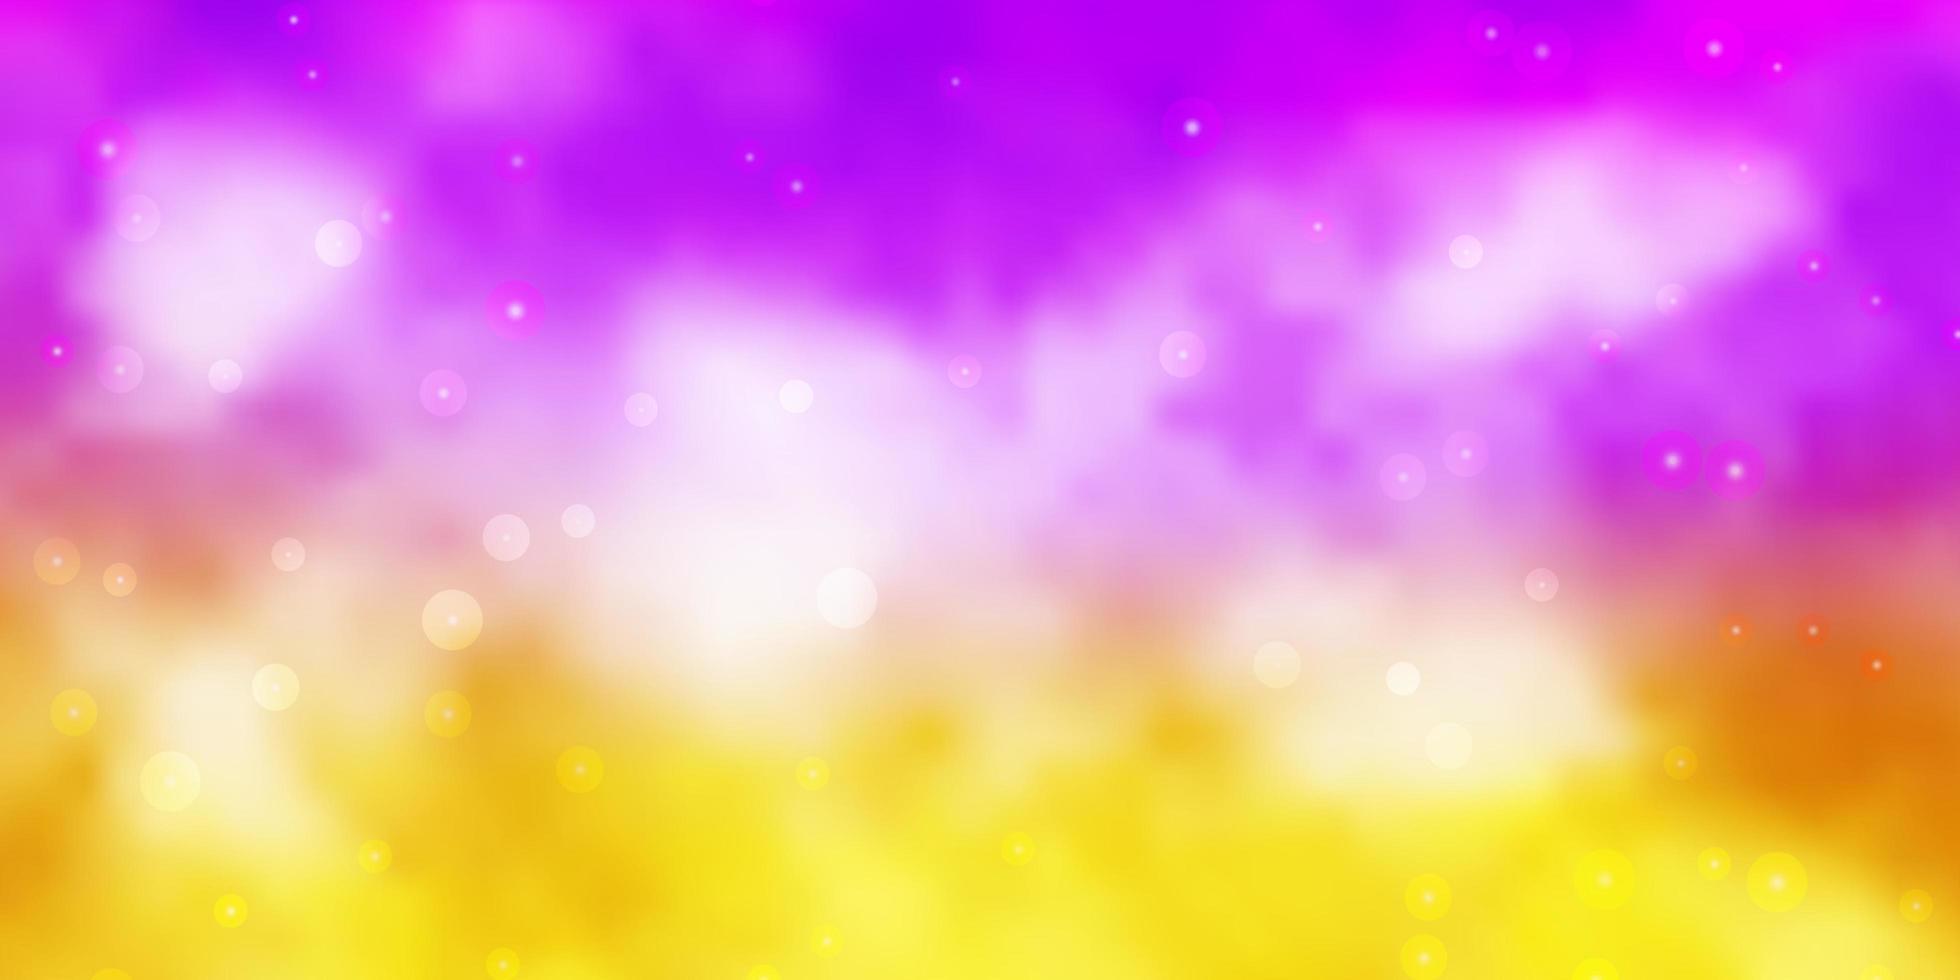 lichtroze, geel vectormalplaatje met neonsterren. vector